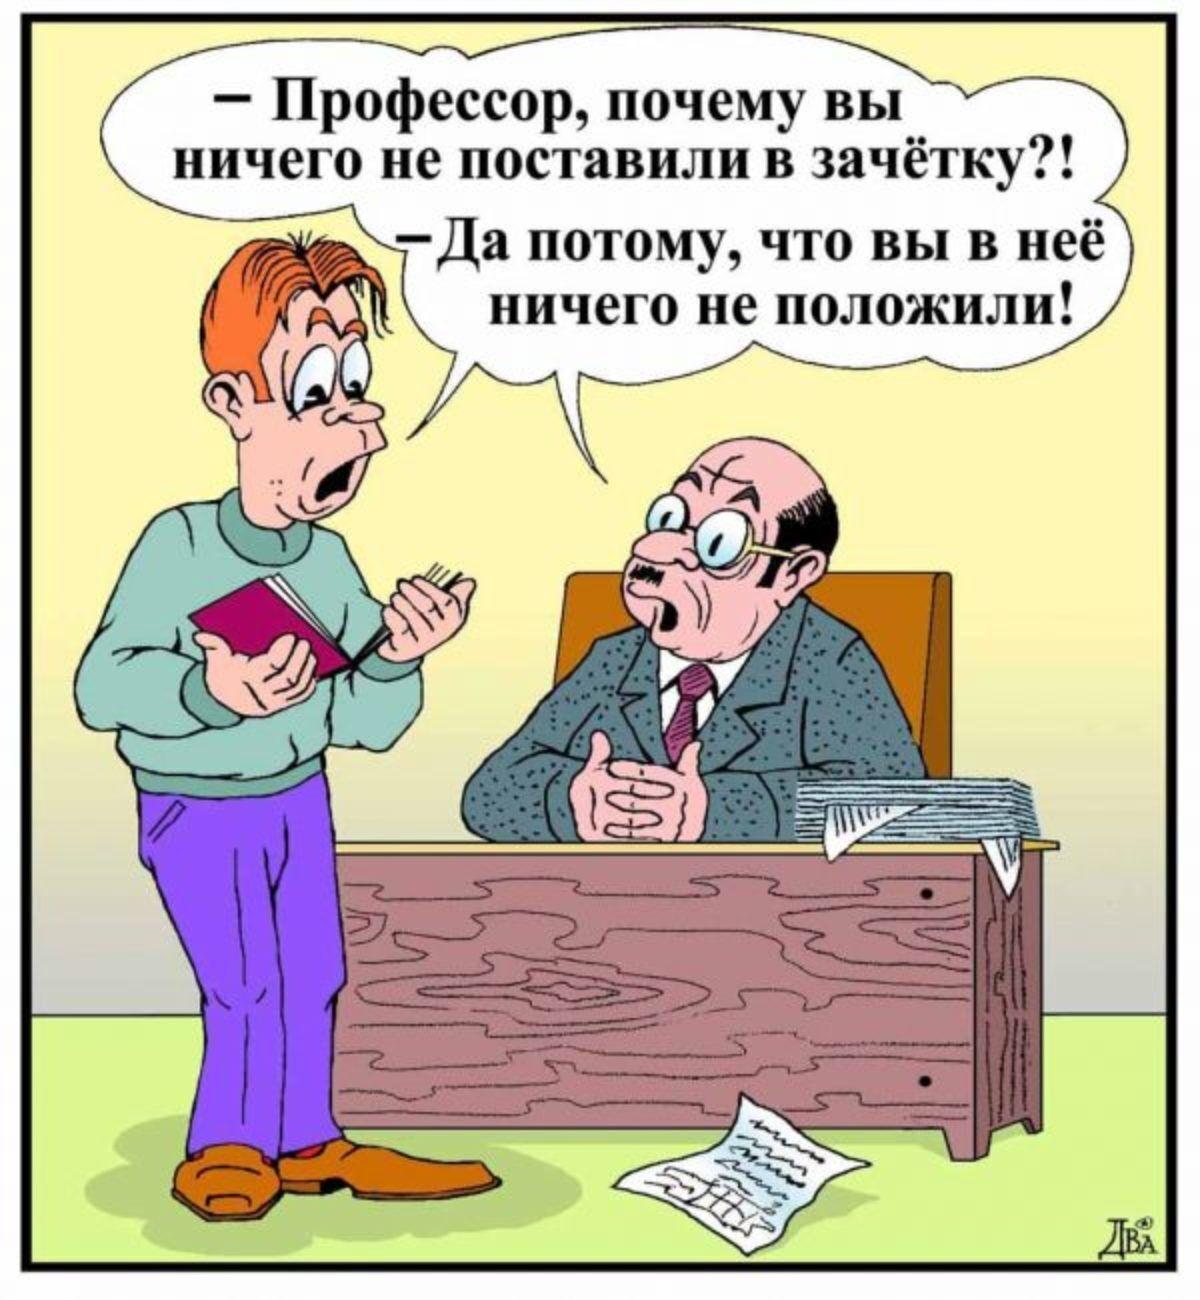 Анекдот про студента и преподавателя